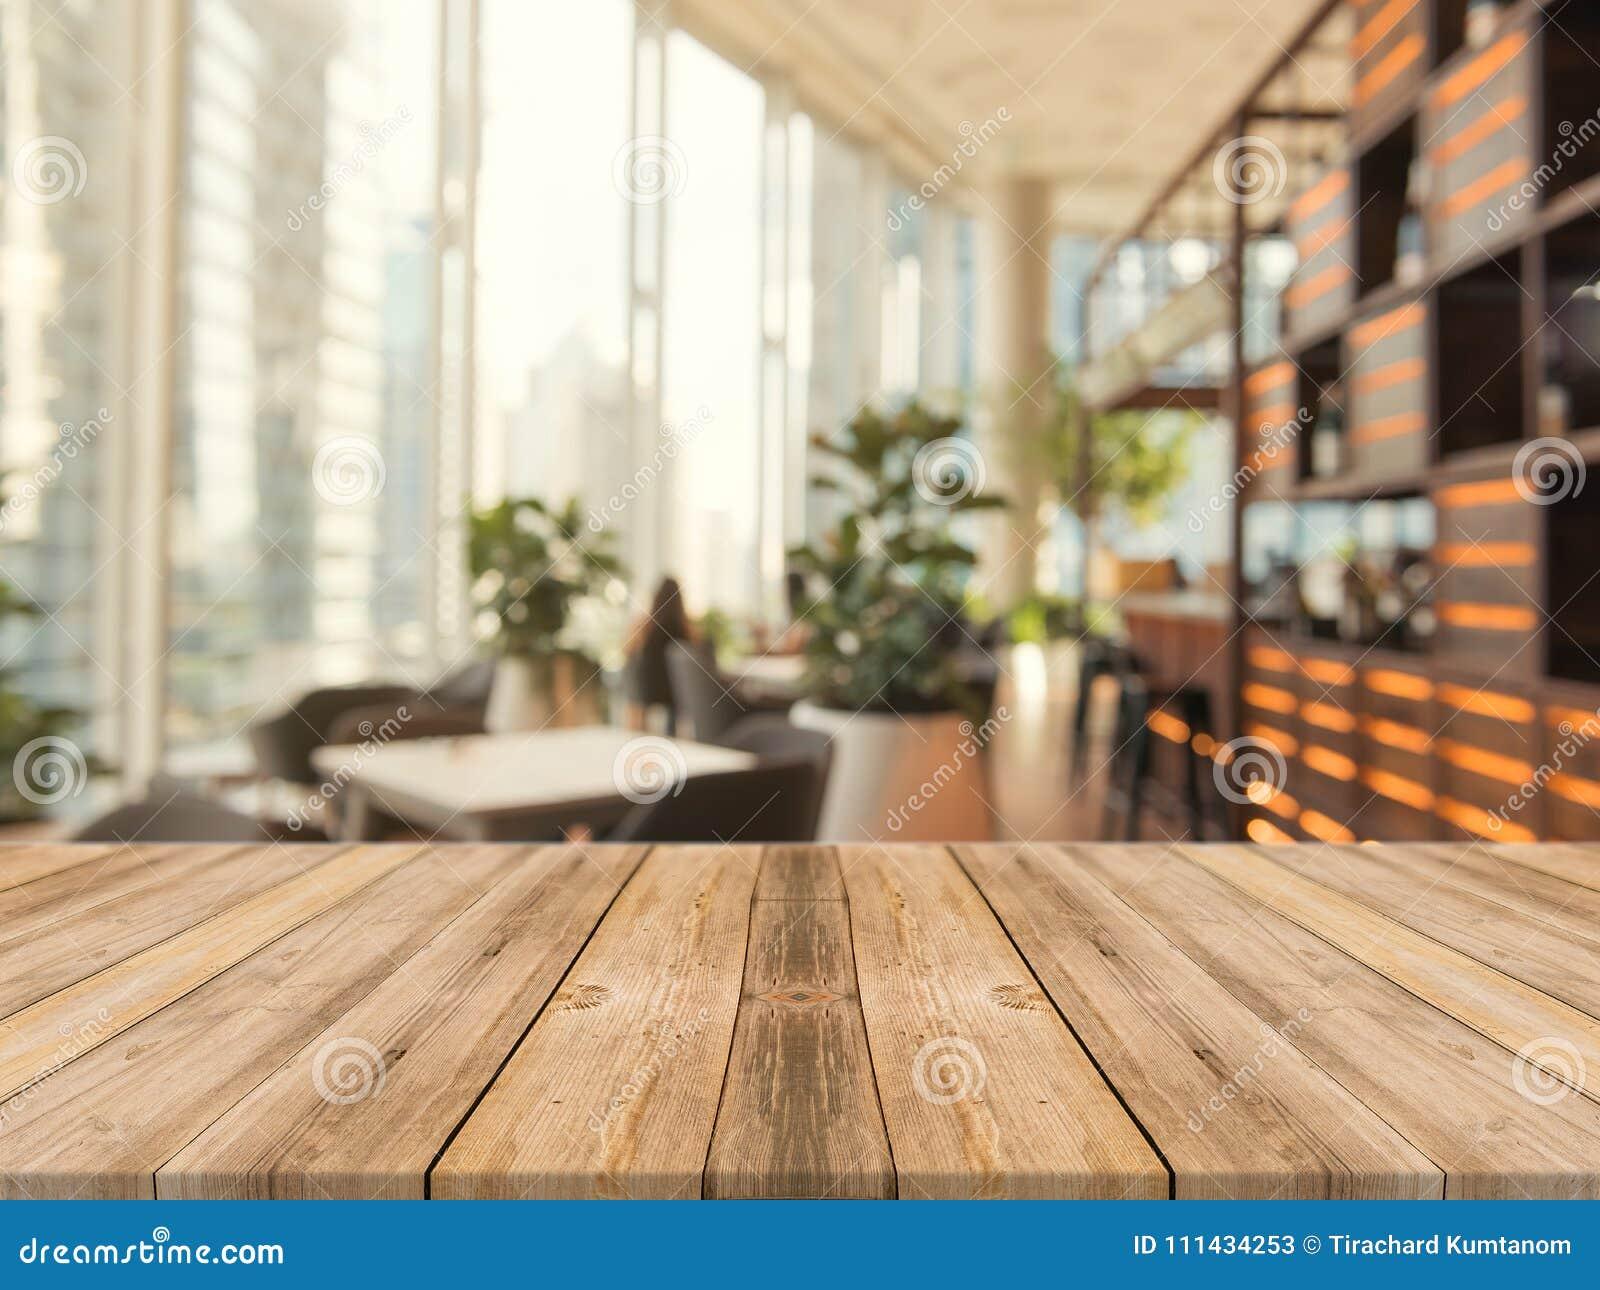 Tampo da mesa vazio da placa de madeira sobre do fundo borrado Tabela de madeira marrom da perspectiva sobre o borrão no fundo da